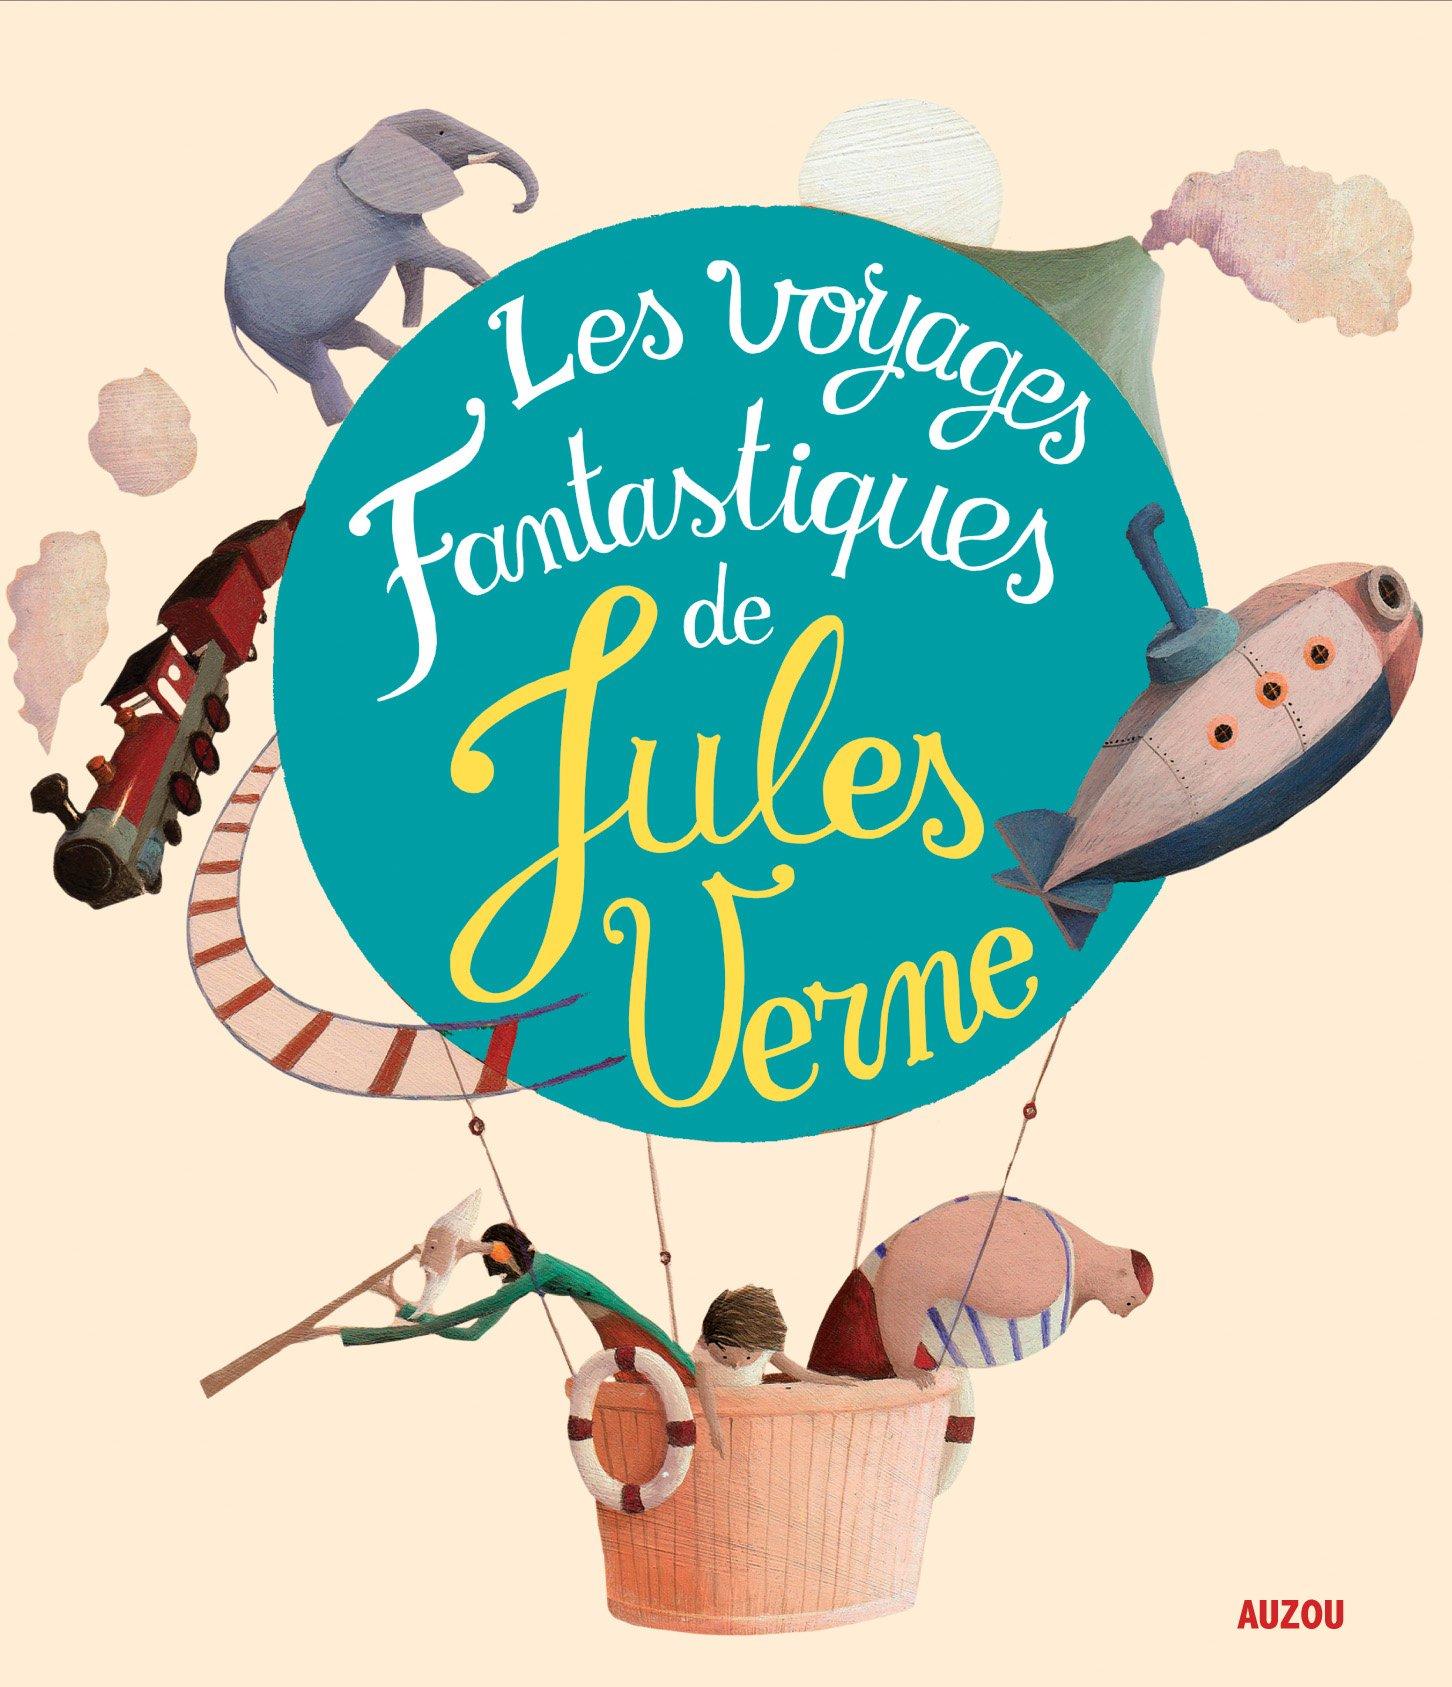 Les Voyages Fantastiques De Jules Verne Coll Recueil Universel Recueils Universels French Edition Claude Carre Eric Puybaret Marjolaine Revel 9782733830543 Amazon Com Books